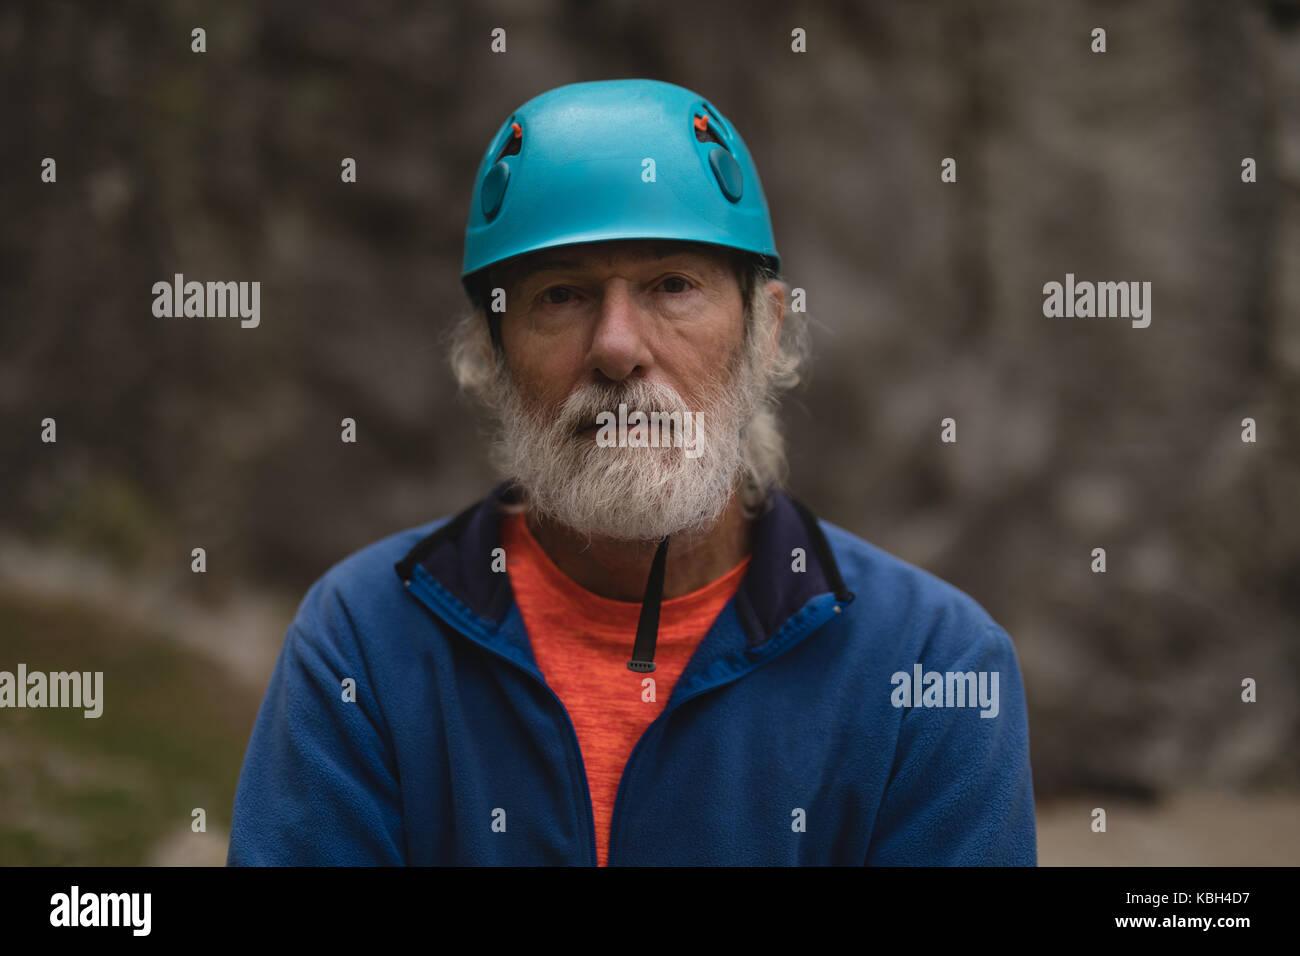 Portrait von älteren Menschen durch das Tragen von schützender helm Stockbild